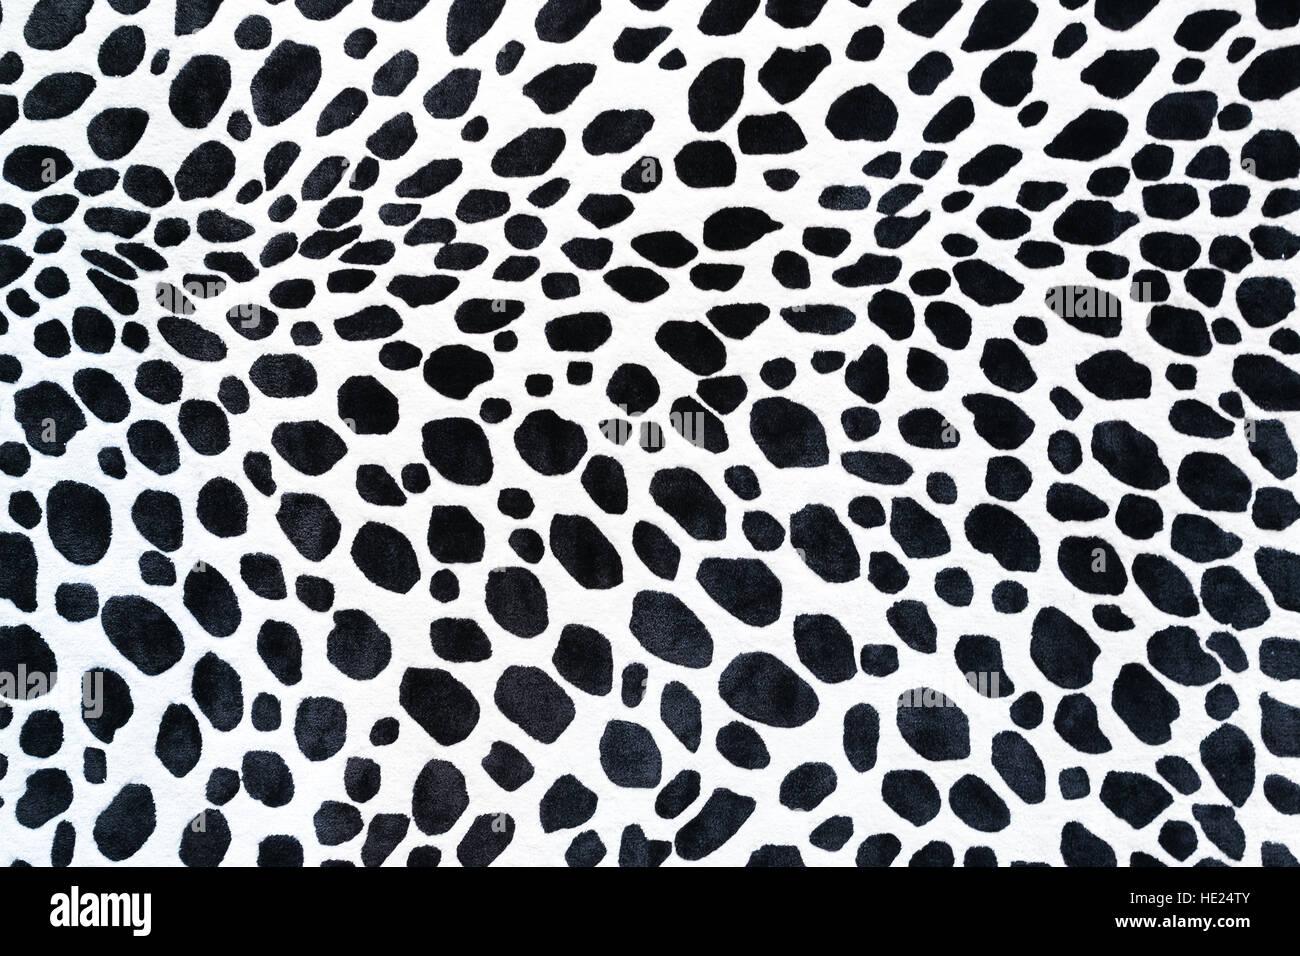 Seamless modello animale per il design tessile. Modello senza giunture delle macchie della Dalmazia. Texture naturali. Immagini Stock